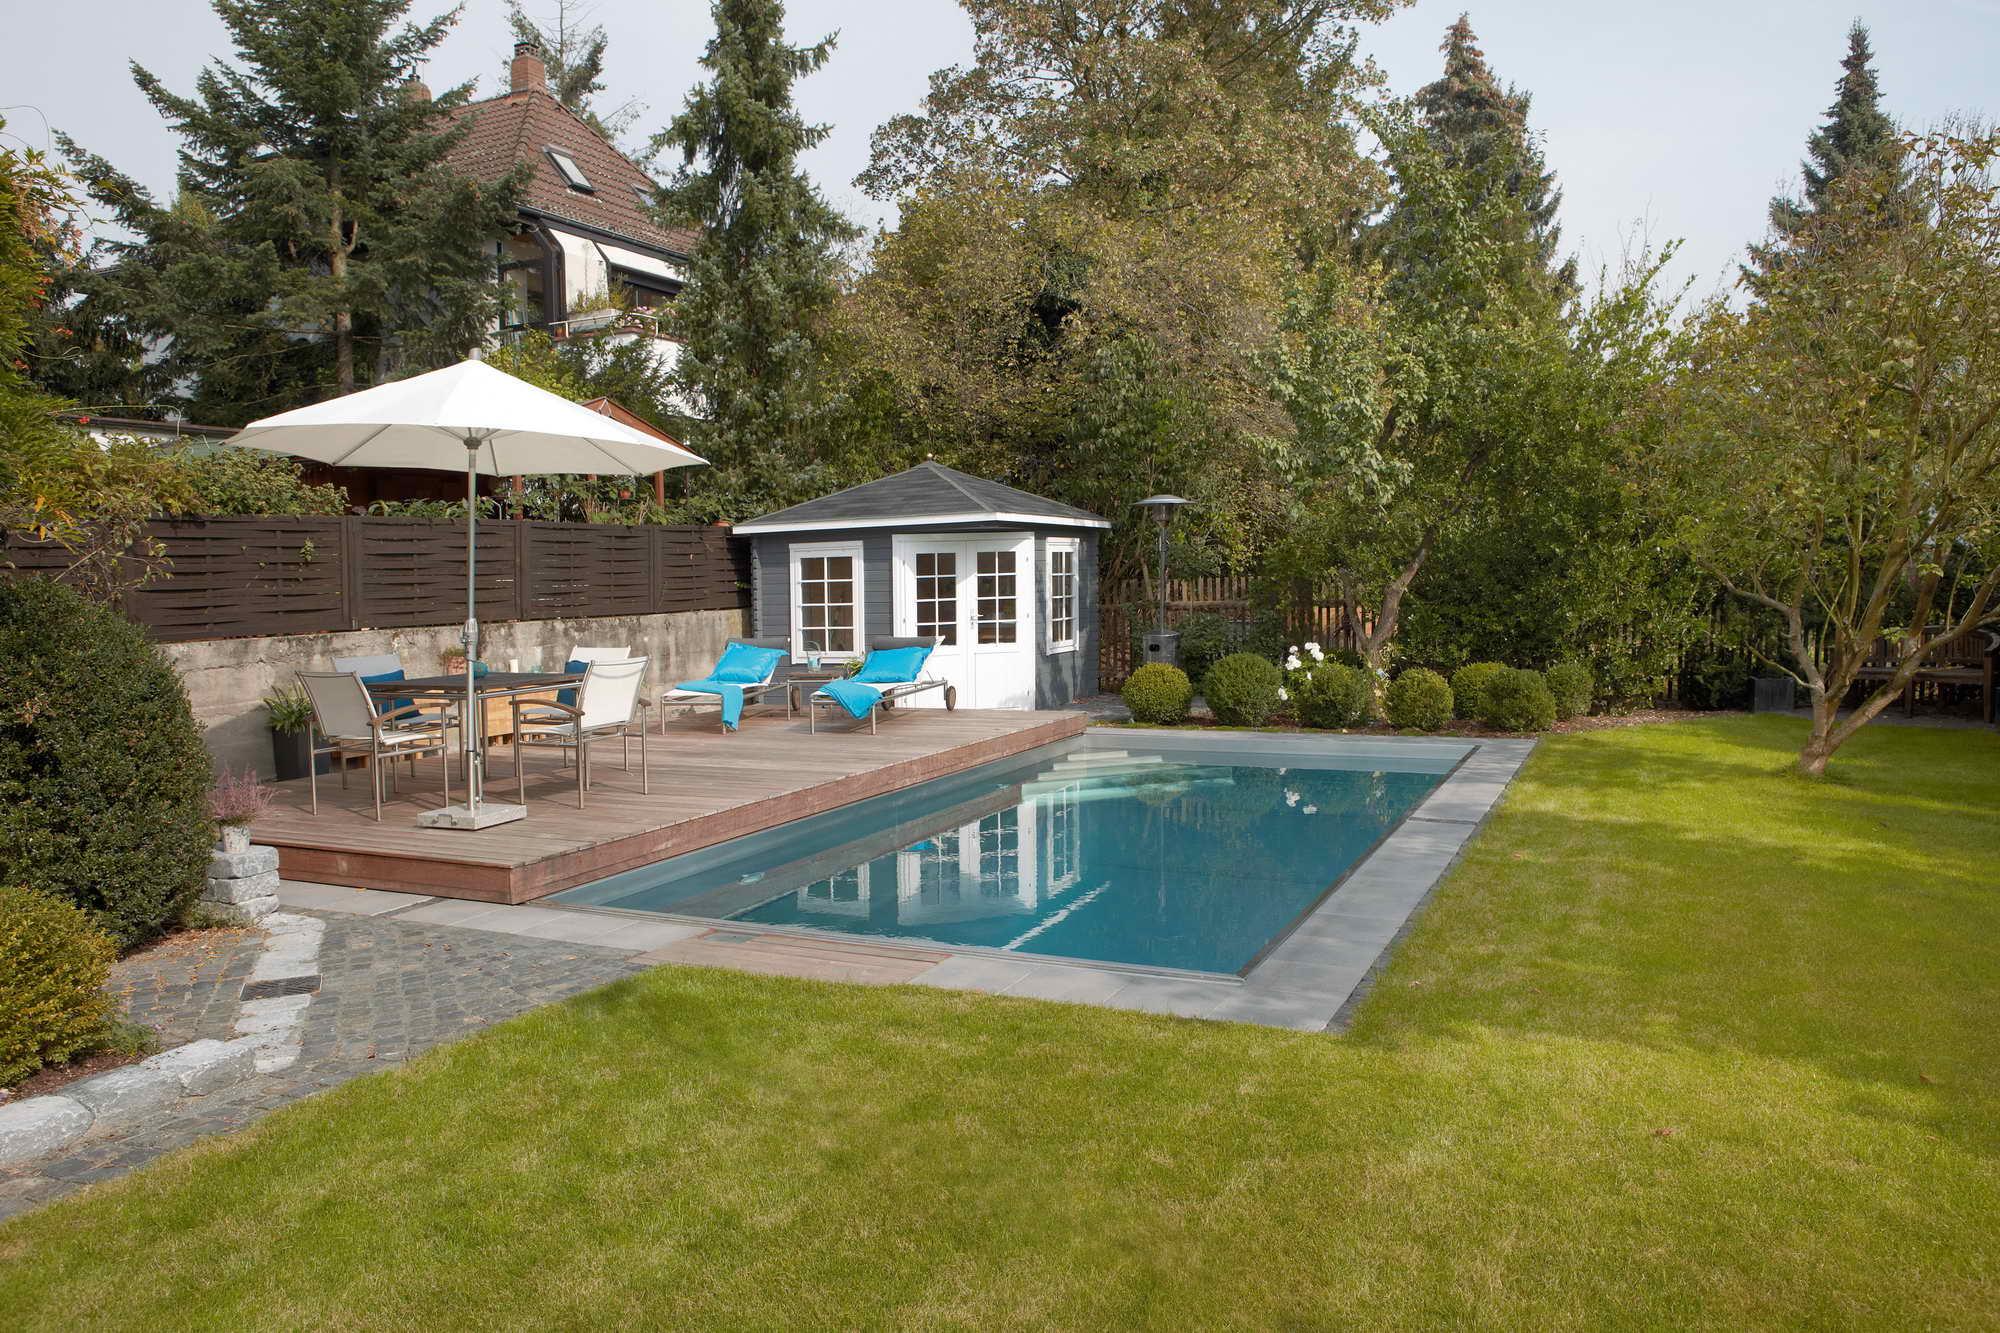 mlz pools wellness referenzen pools. Black Bedroom Furniture Sets. Home Design Ideas